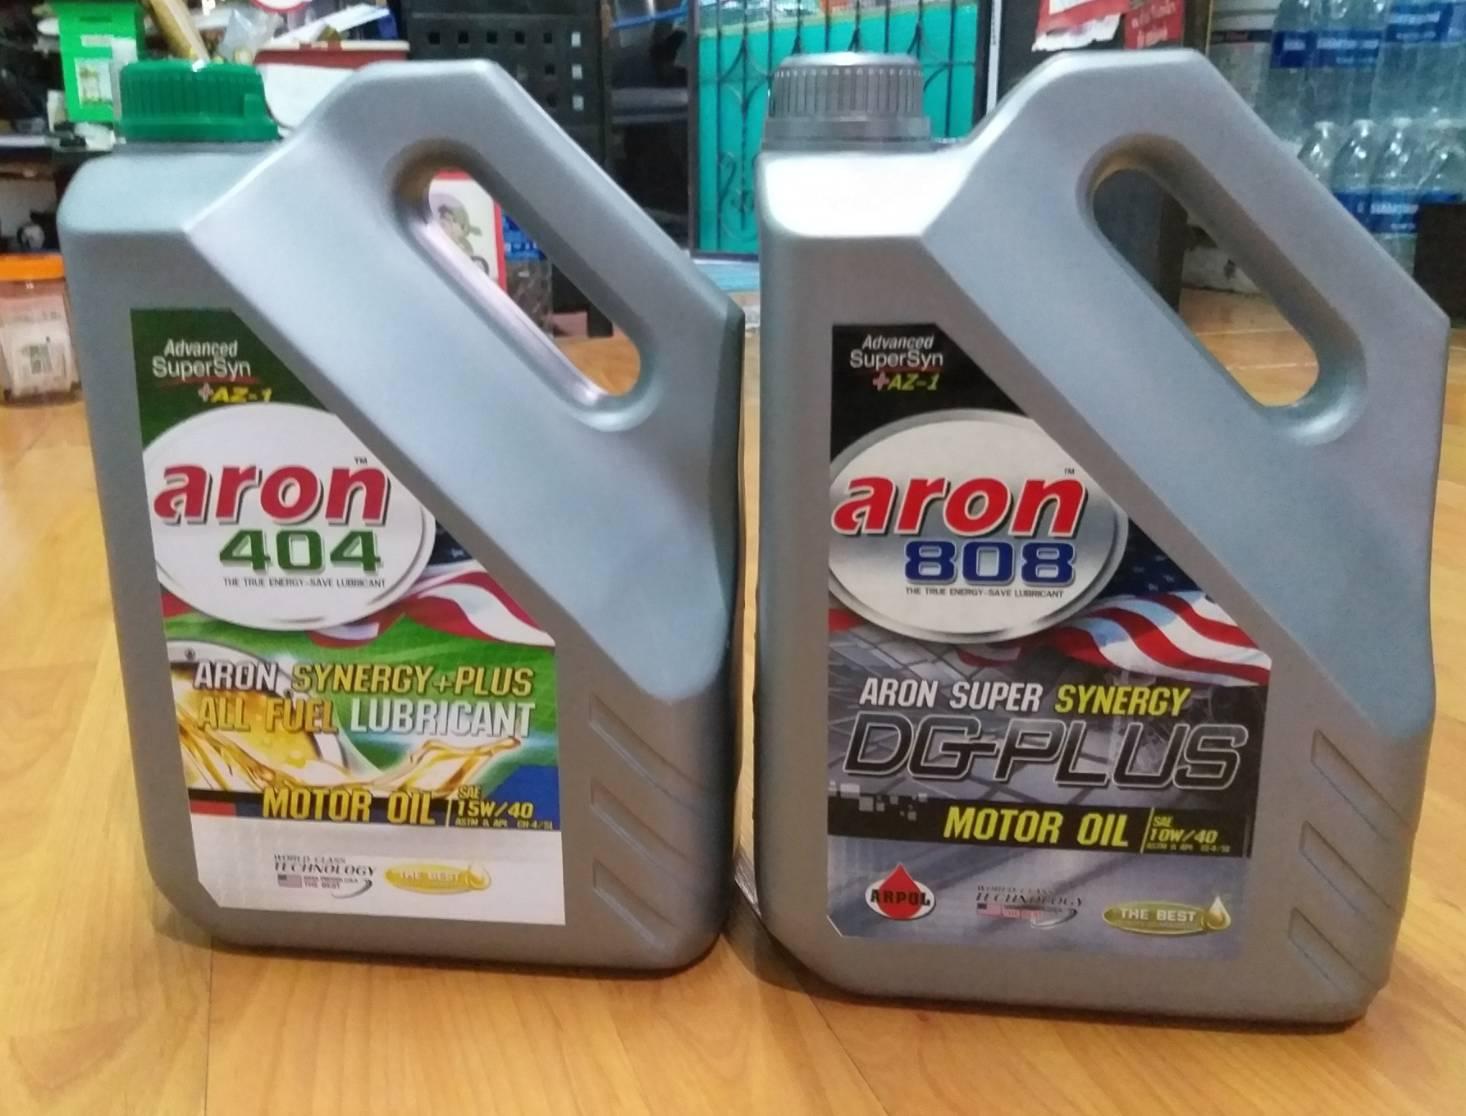 ARON 808 และ ARON 404 สุดยอดน้ำมันหล่อลื่นของรถยุคนี้